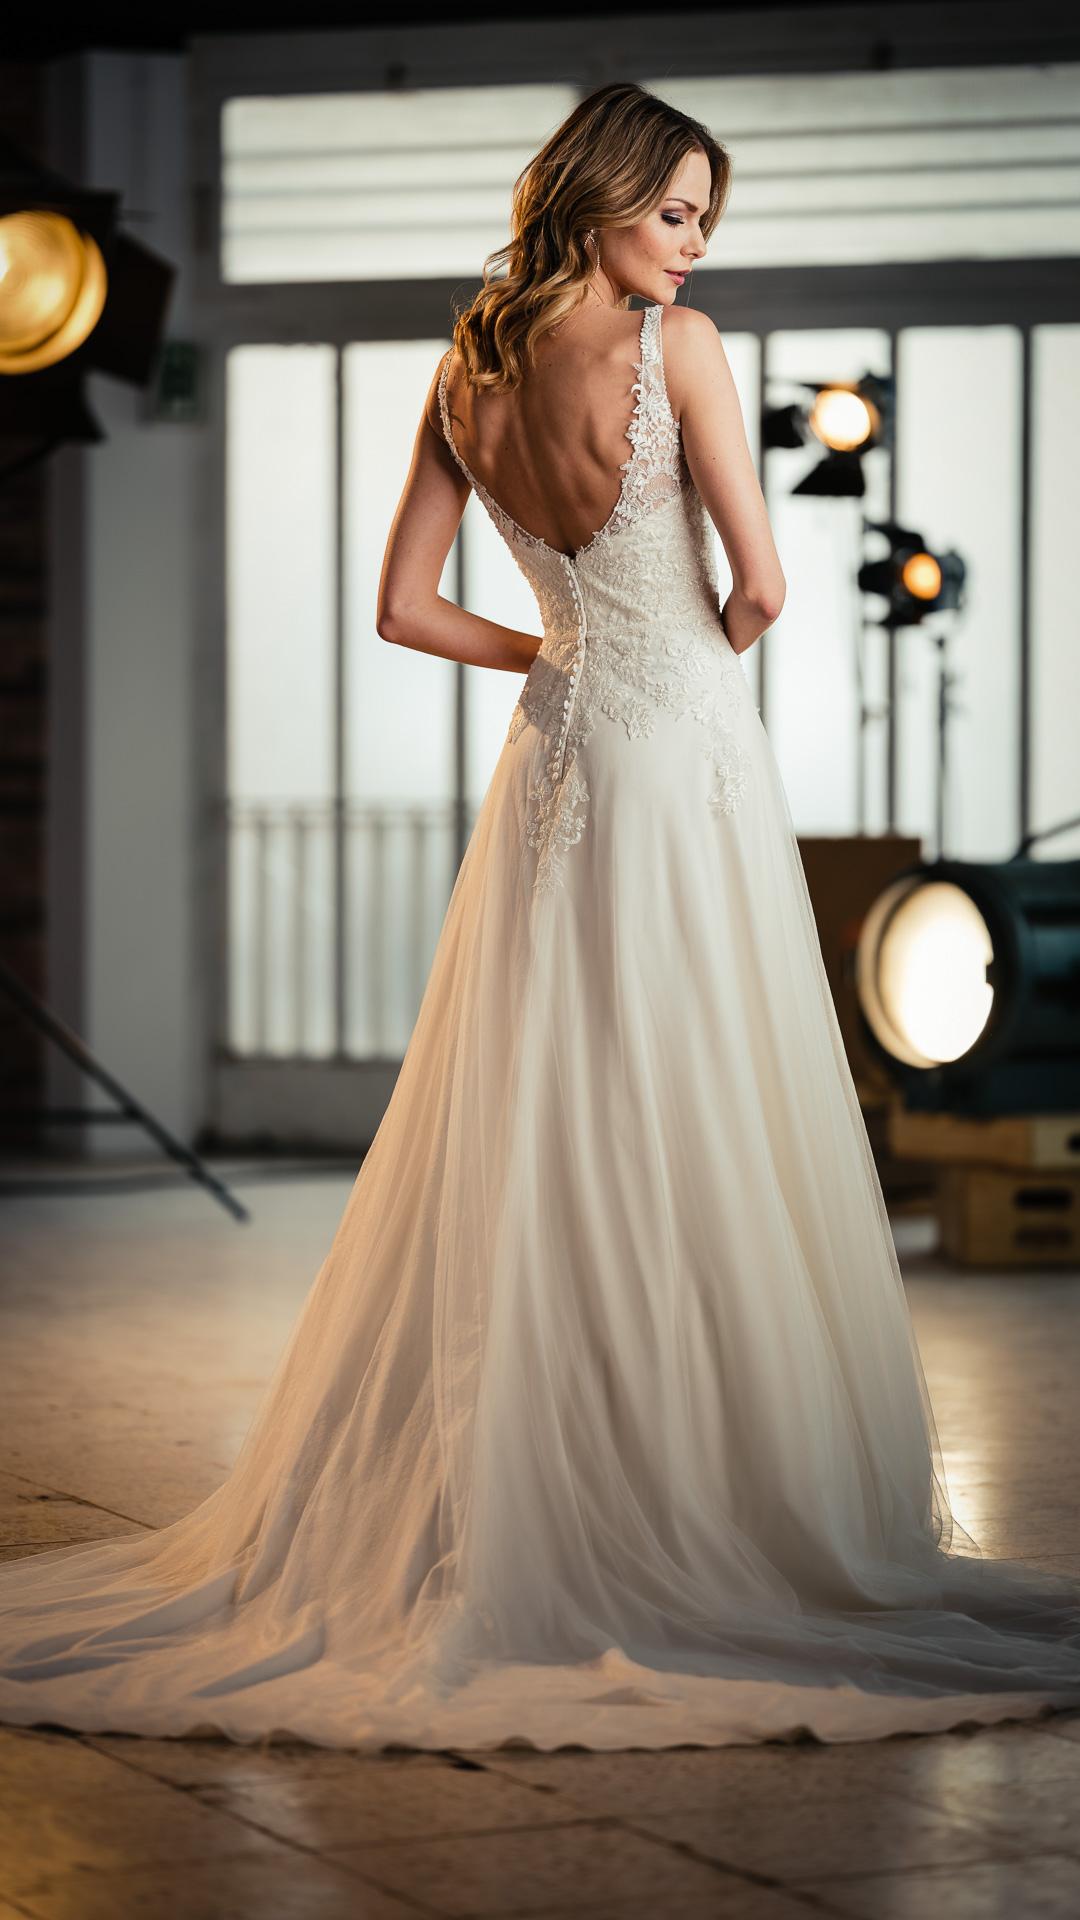 Kollektion 2021 Brautkleid 6685 von DMY